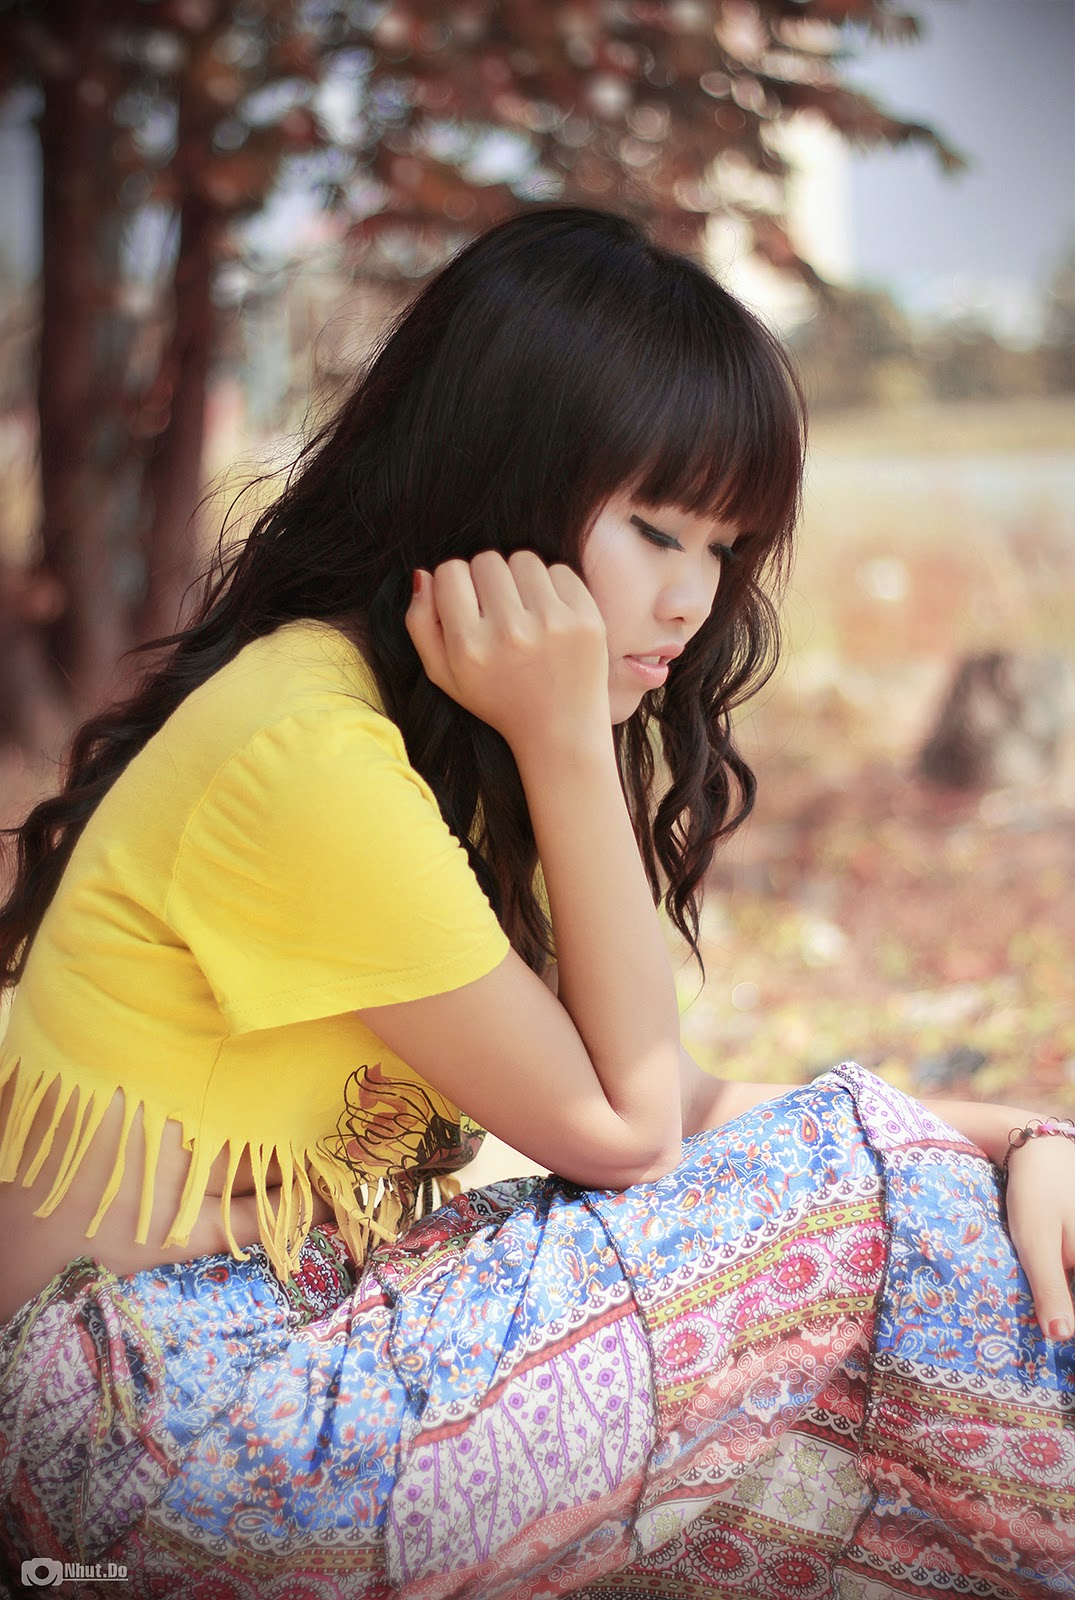 Ảnh đẹp girl xinh Việt Nam Việt Nam - Ảnh 25